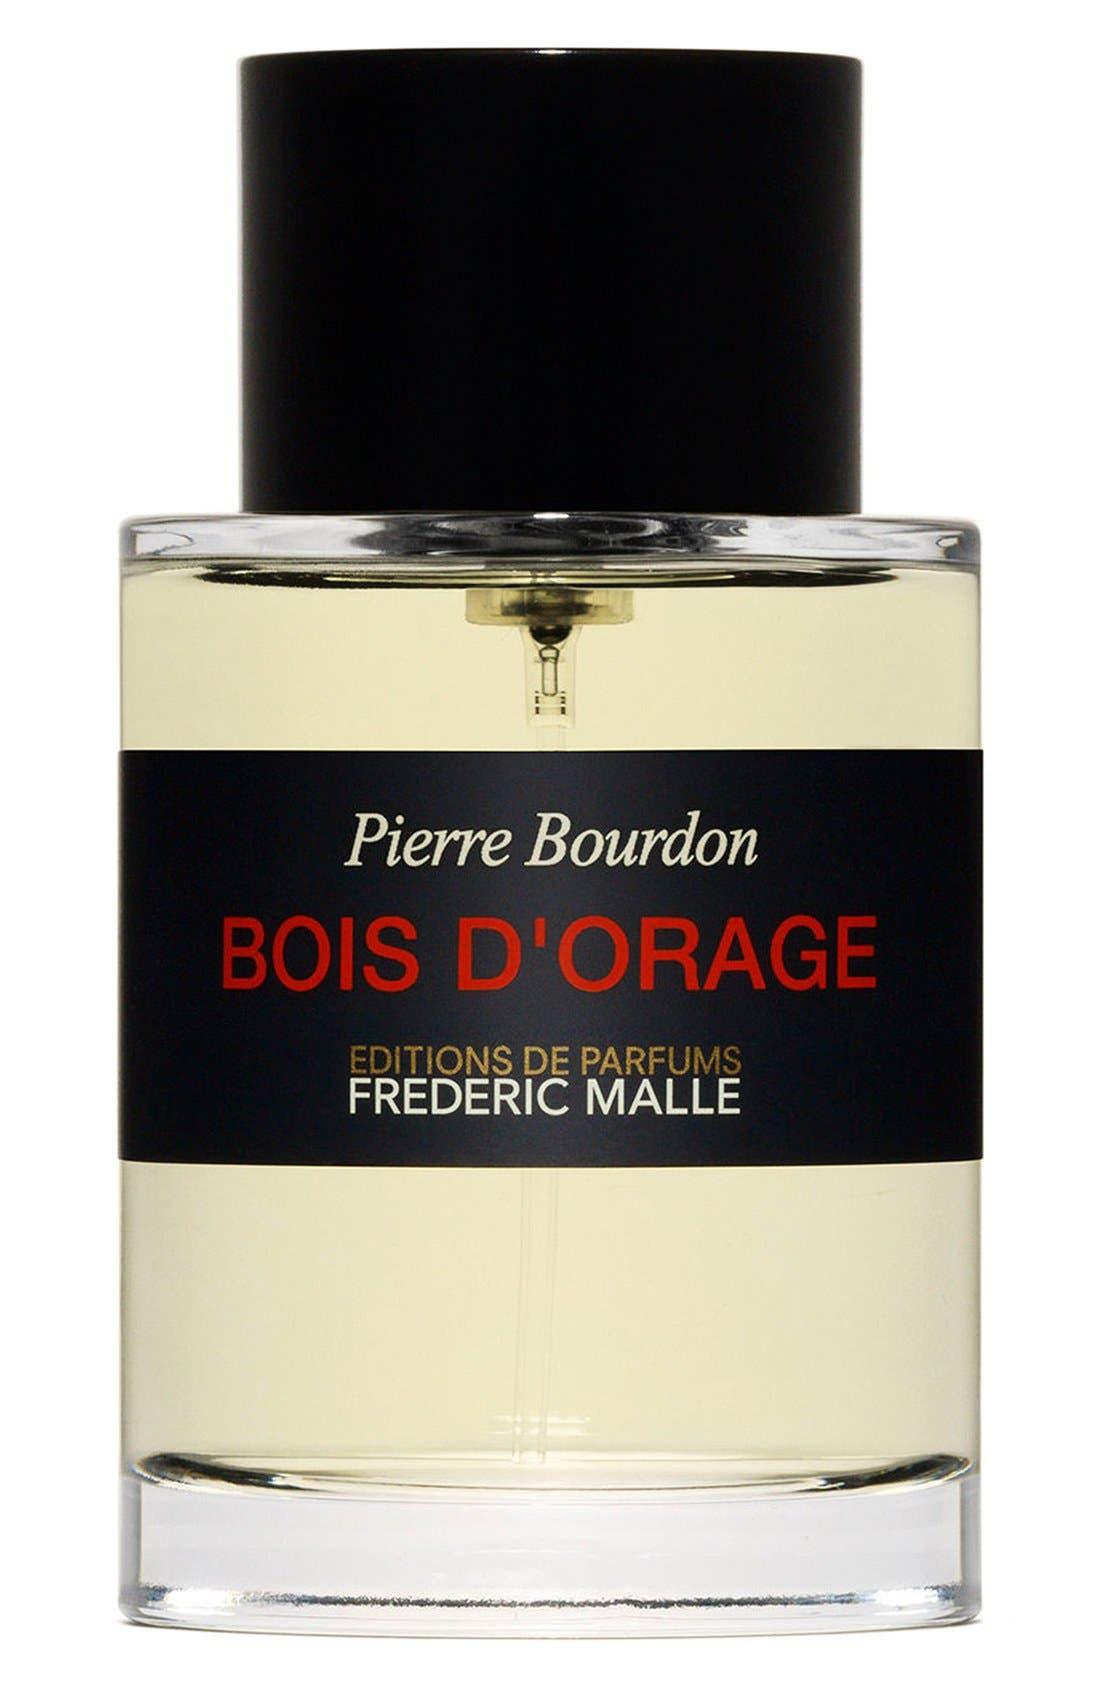 Editions de Parfums Frédéric Malle Bois d'Orage Parfum Spray